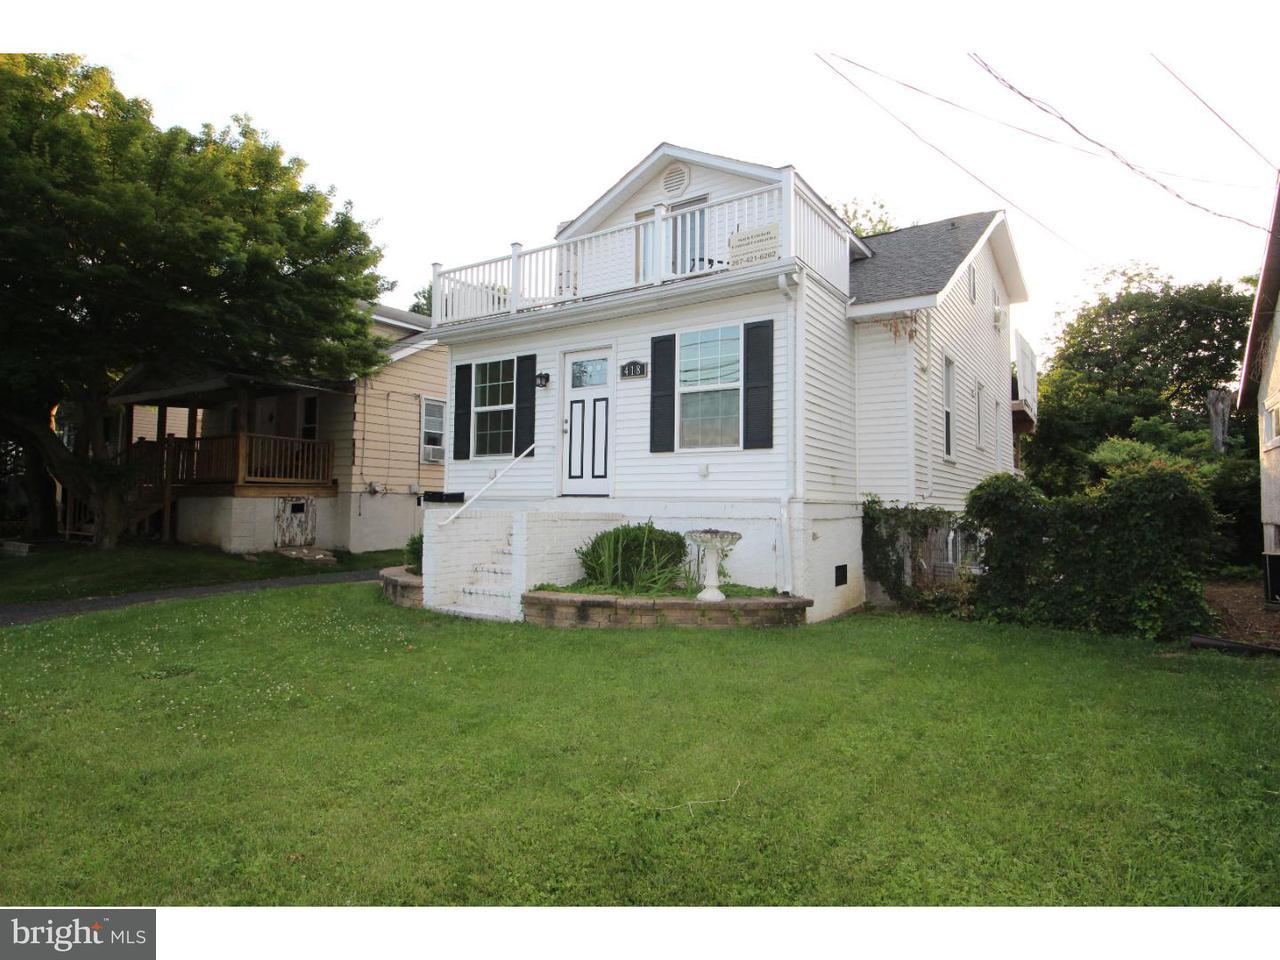 Частный односемейный дом для того Аренда на 418 BLAIR MILL Road Hatboro, Пенсильвания 19040 Соединенные Штаты